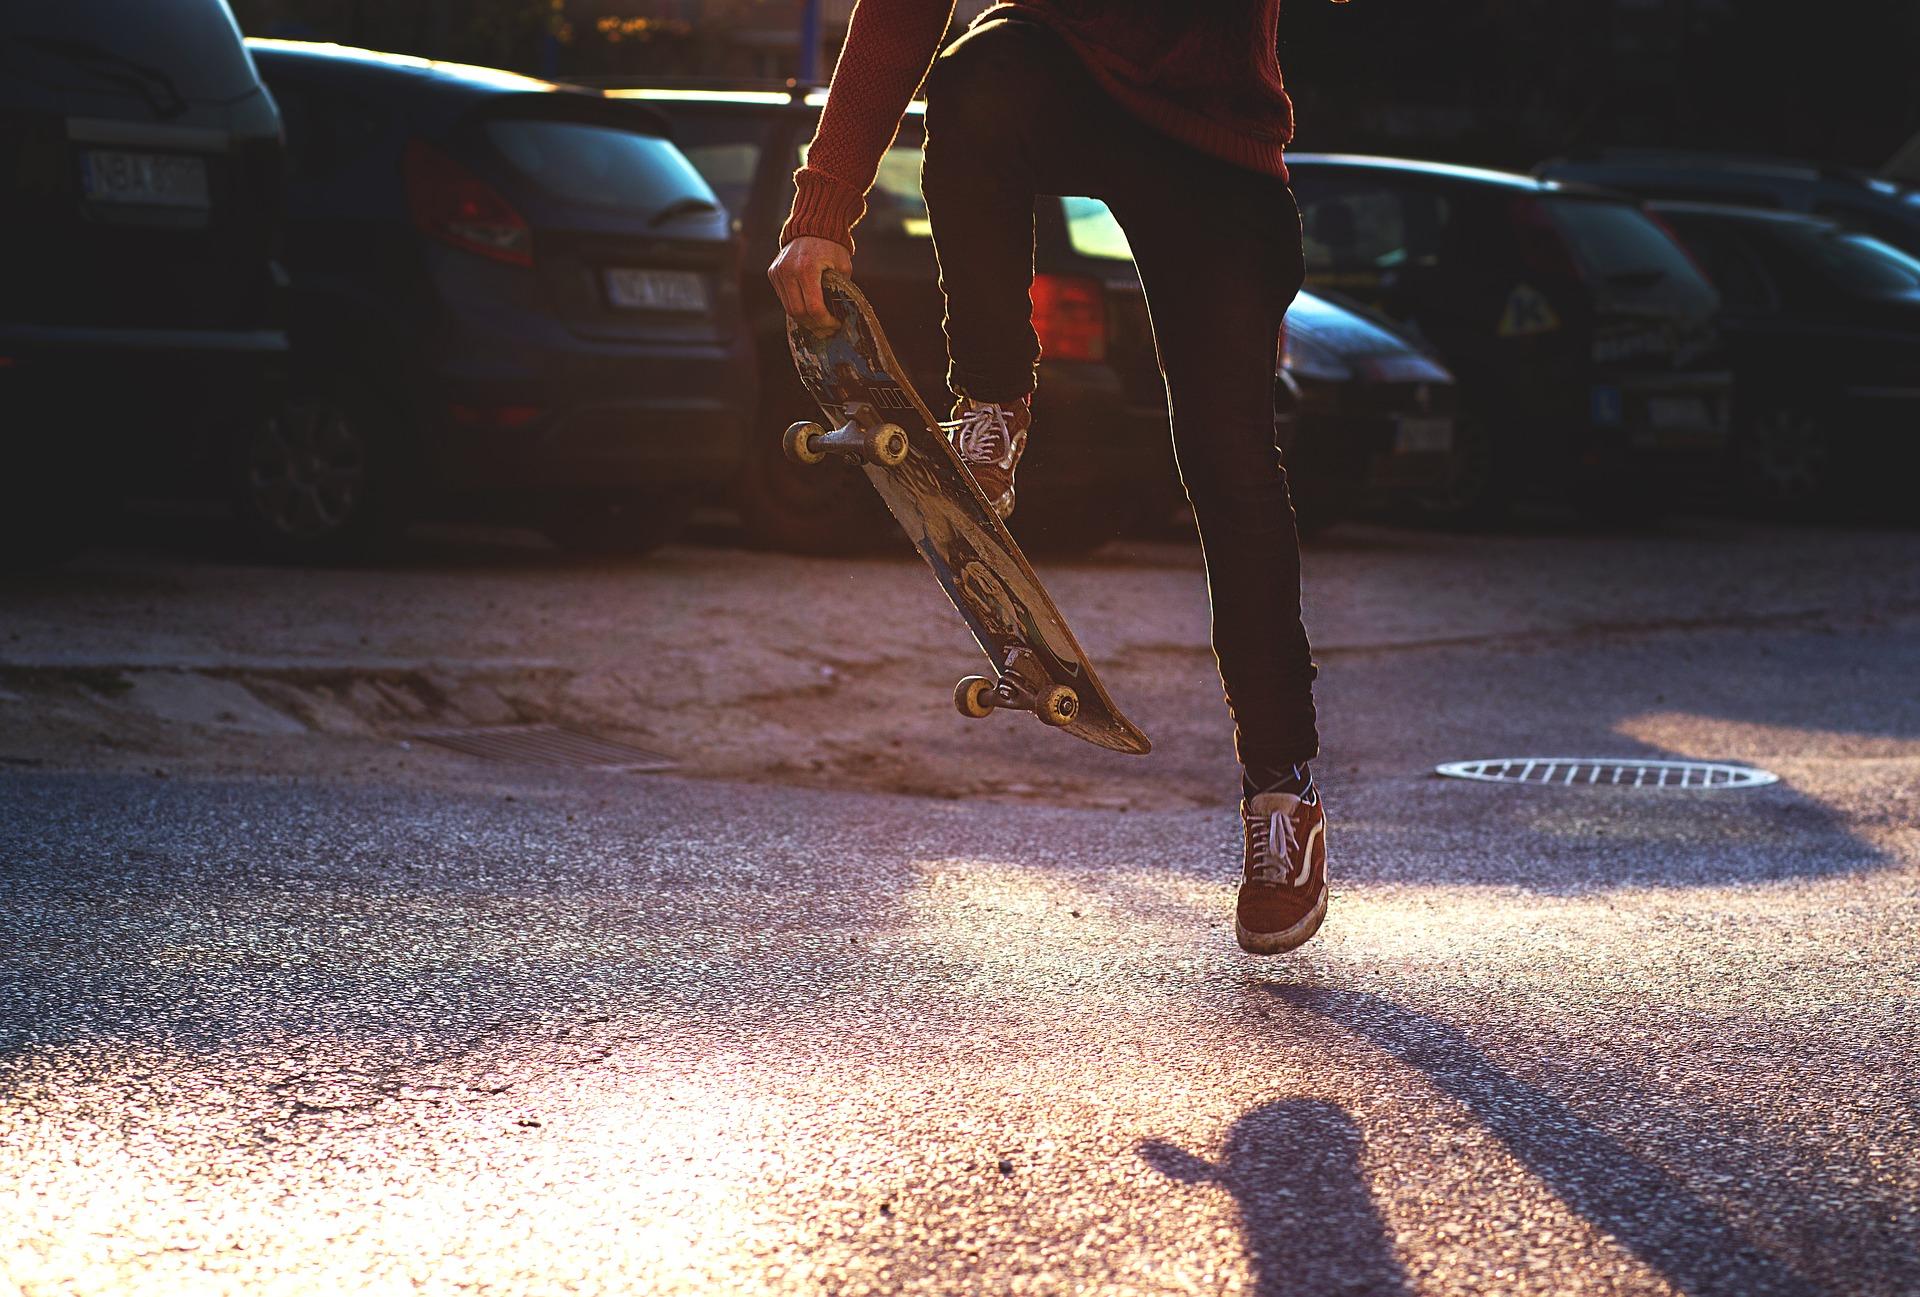 Acrobacias de skate